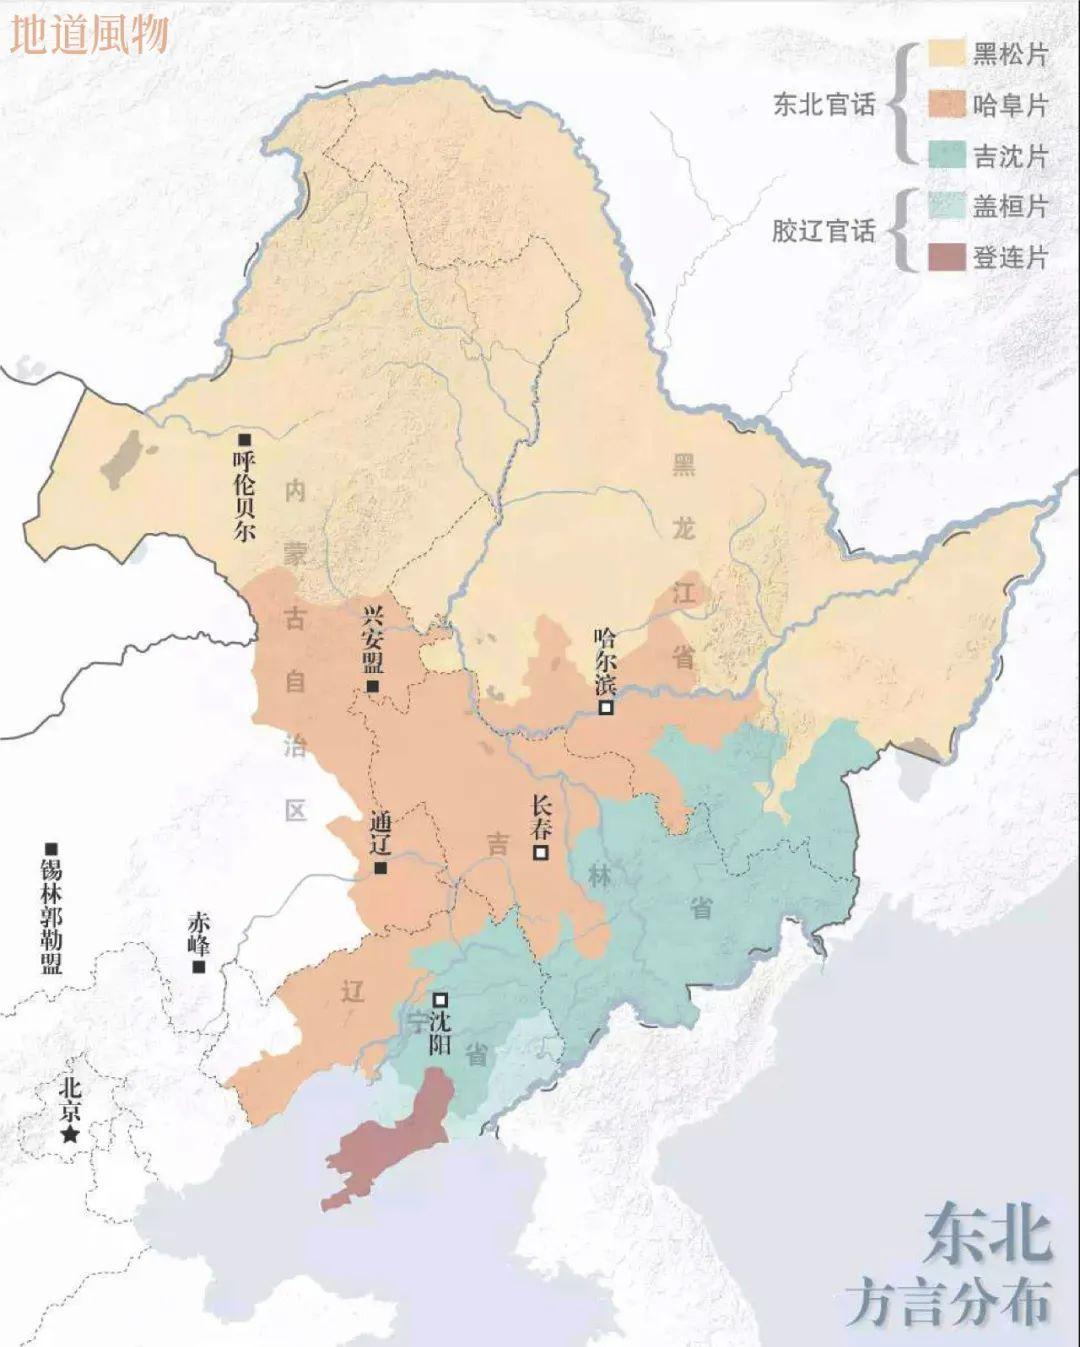 ▲ 东北方言分布图。制图/F50BB